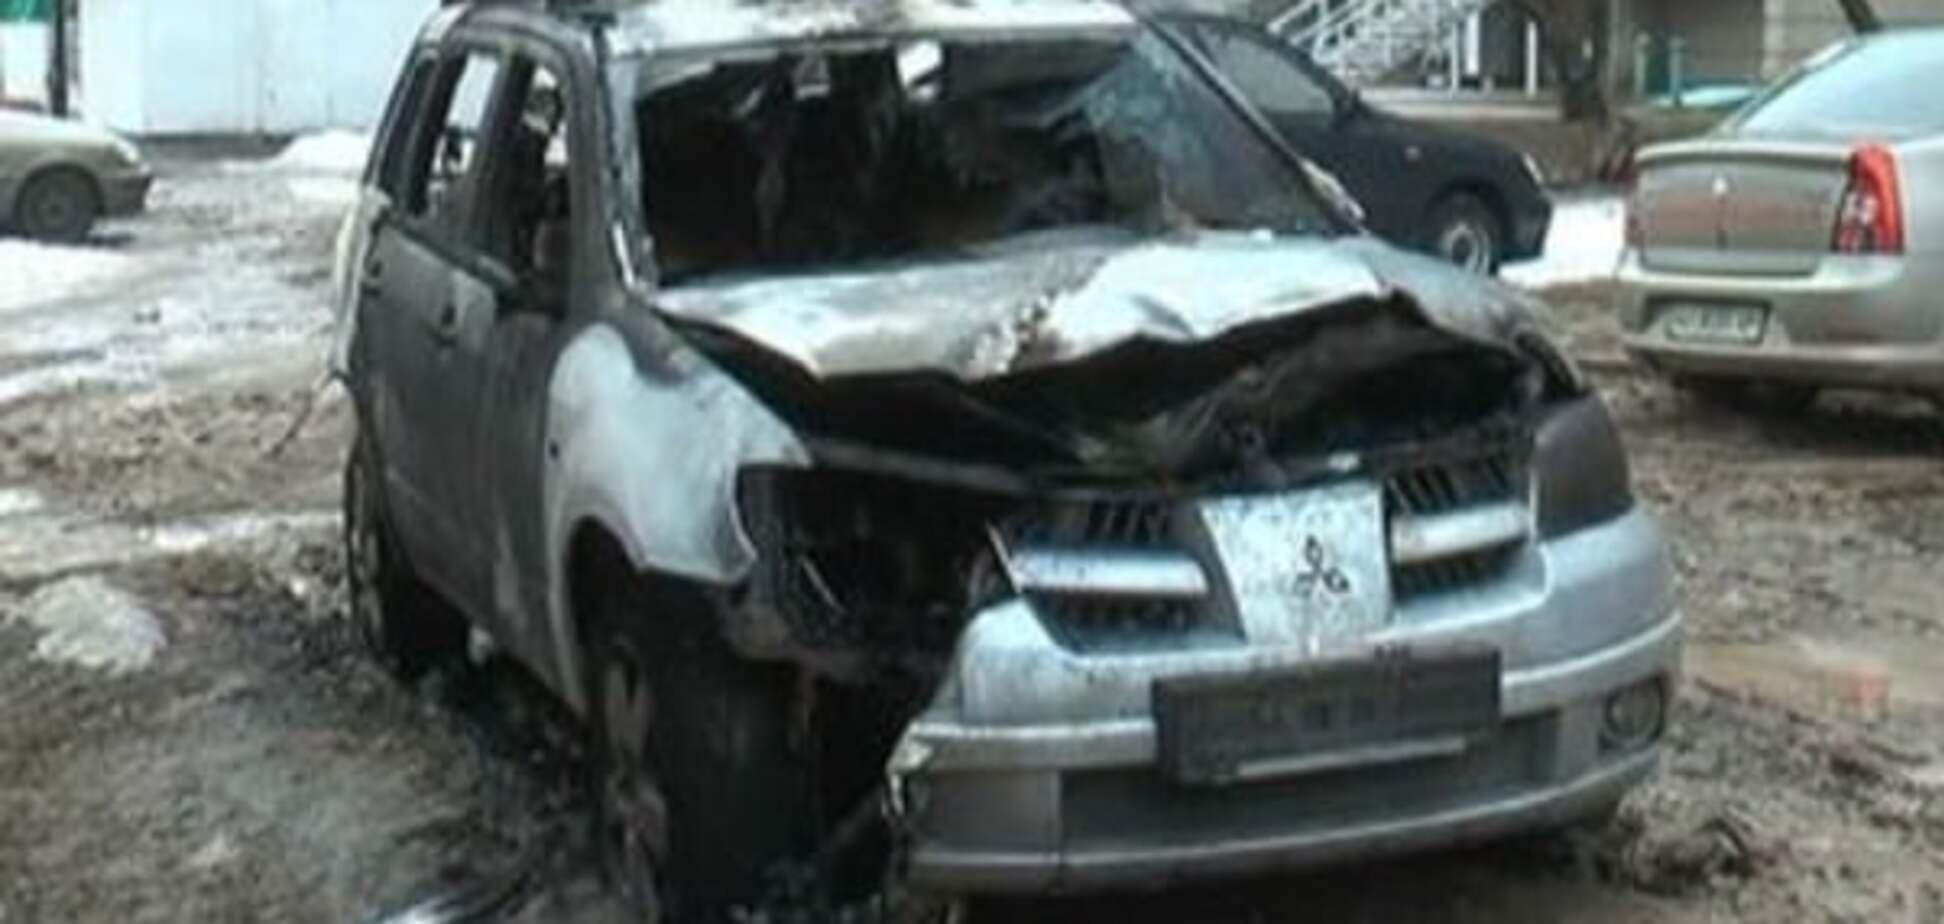 У Харкові спалили авто поліцейського: відеофакт